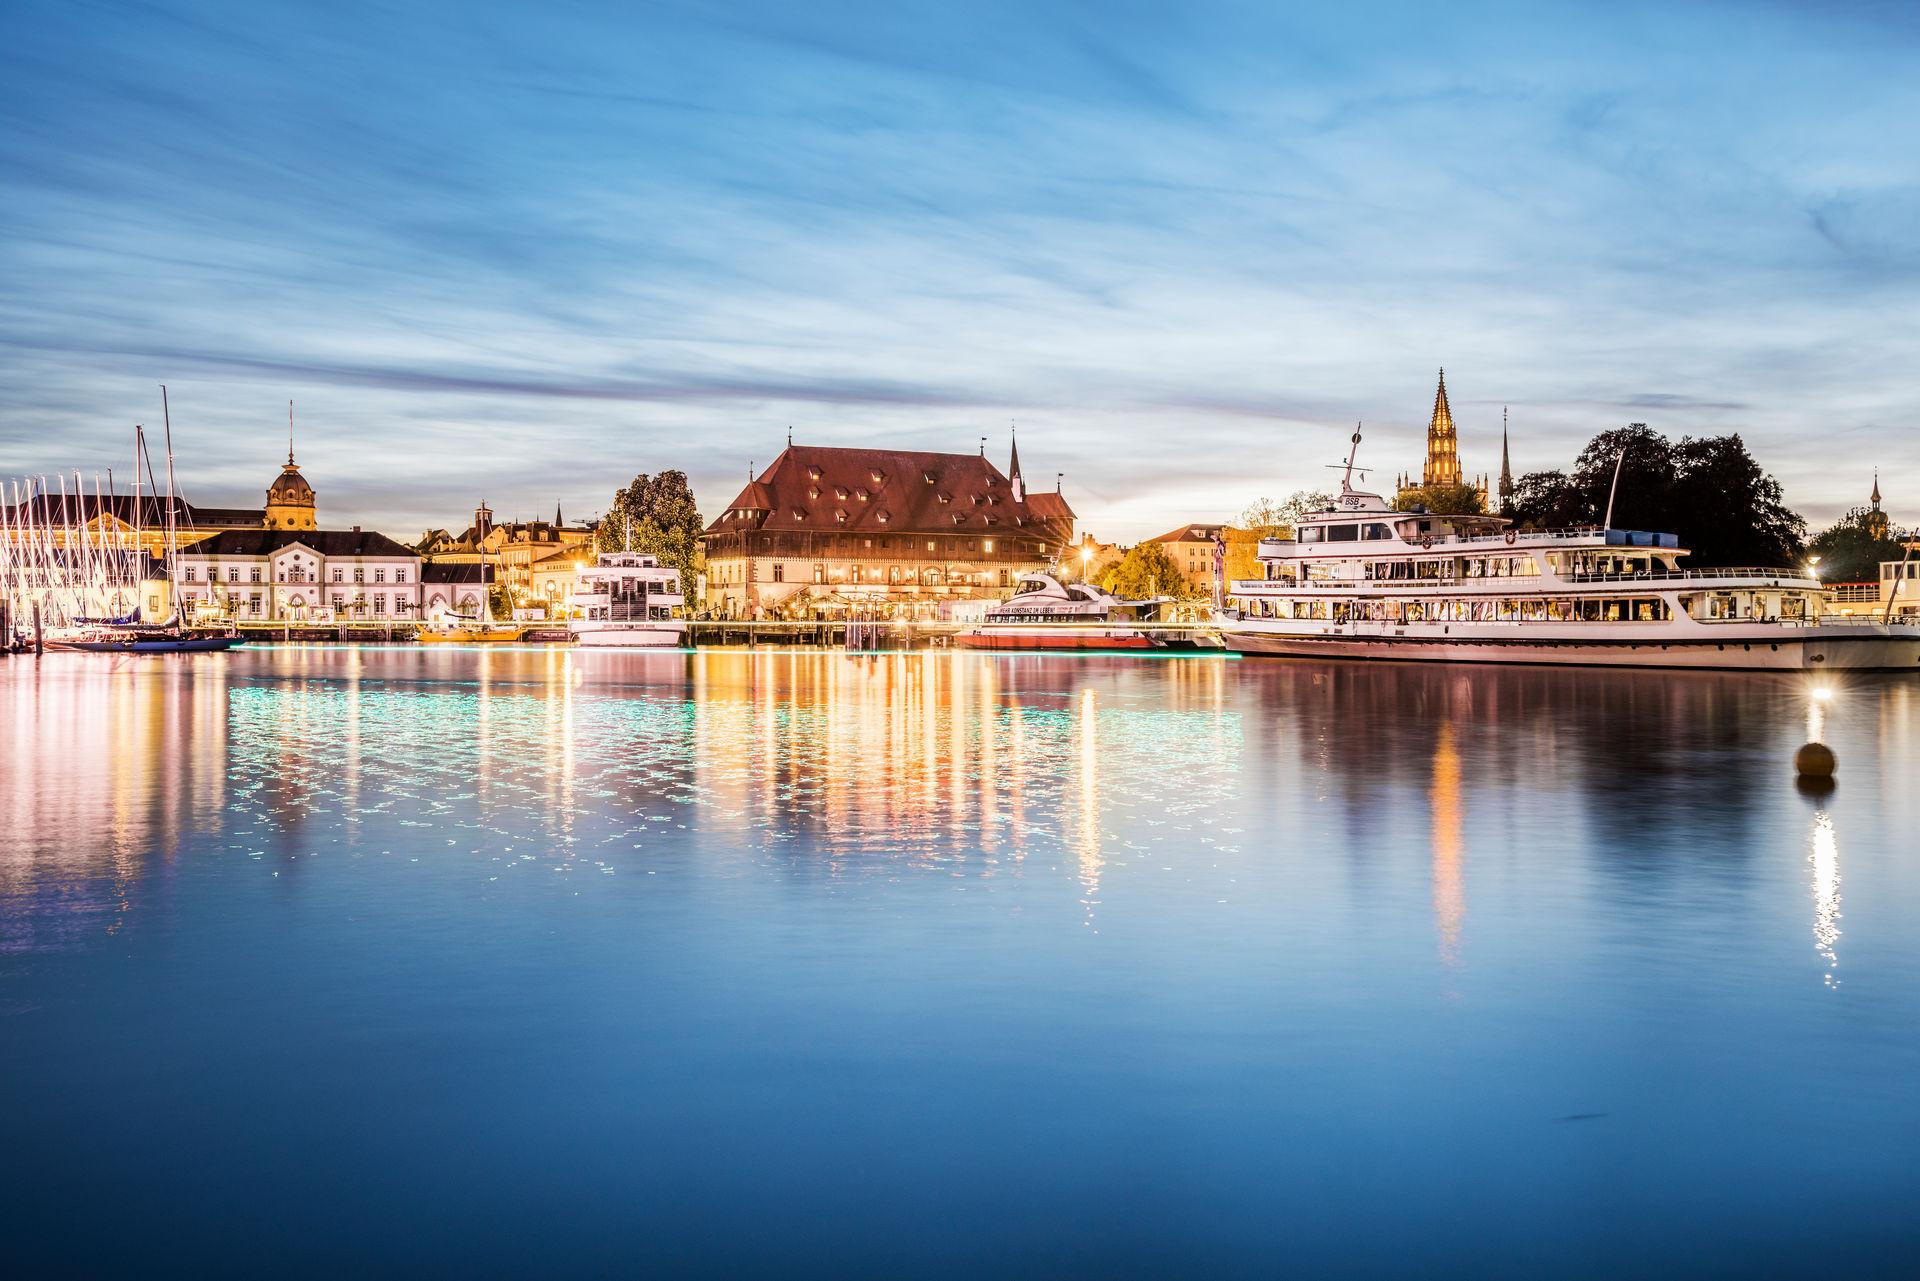 Konstanz-Silhouette-Stimmung-02_Fruehling_Copyright_MTK-Dagmar-Schwelle